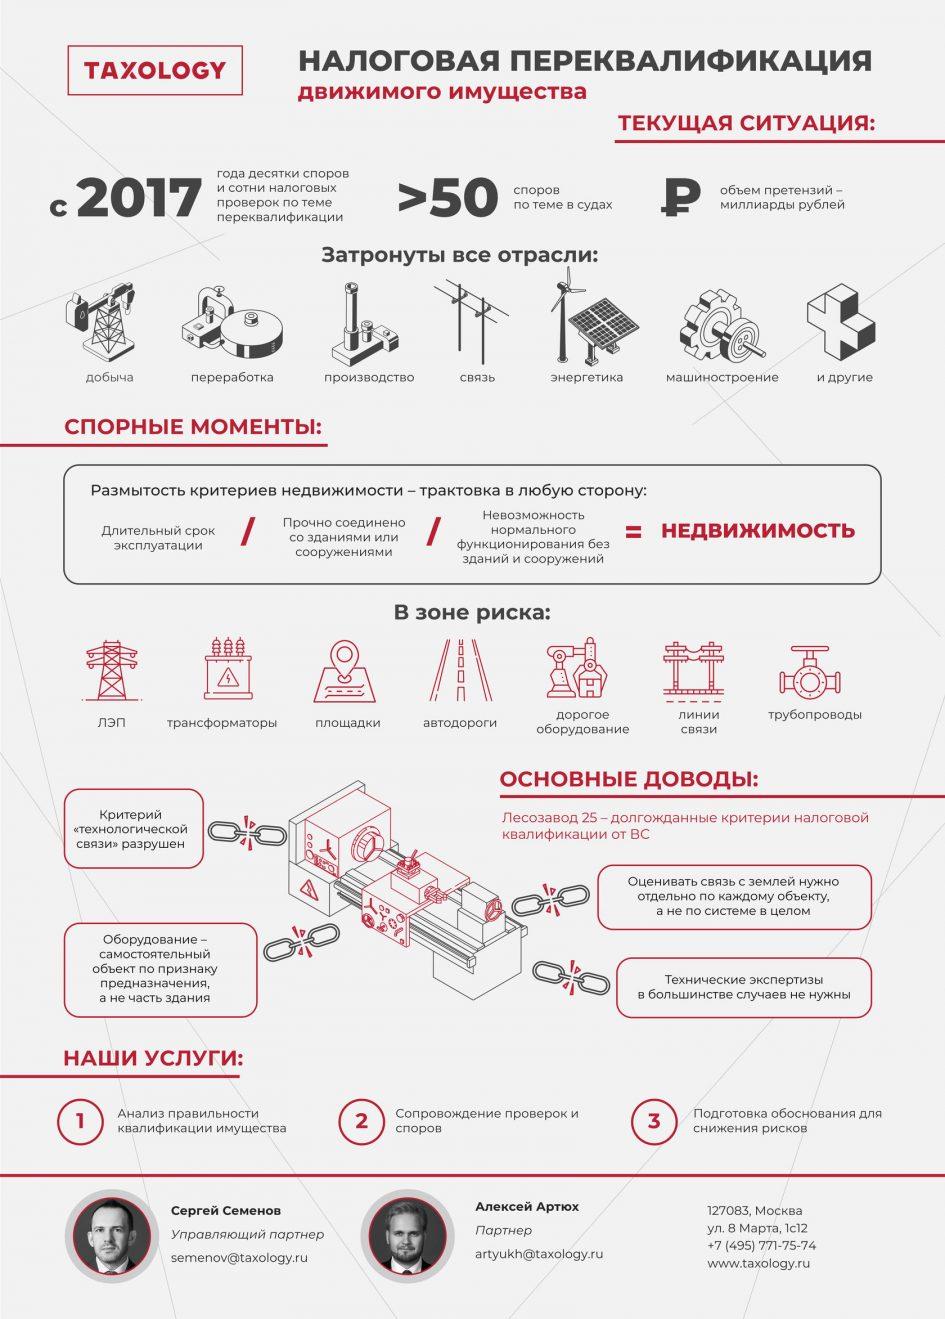 «Налоговая переквалификация движимого имущества» от taxology.ru